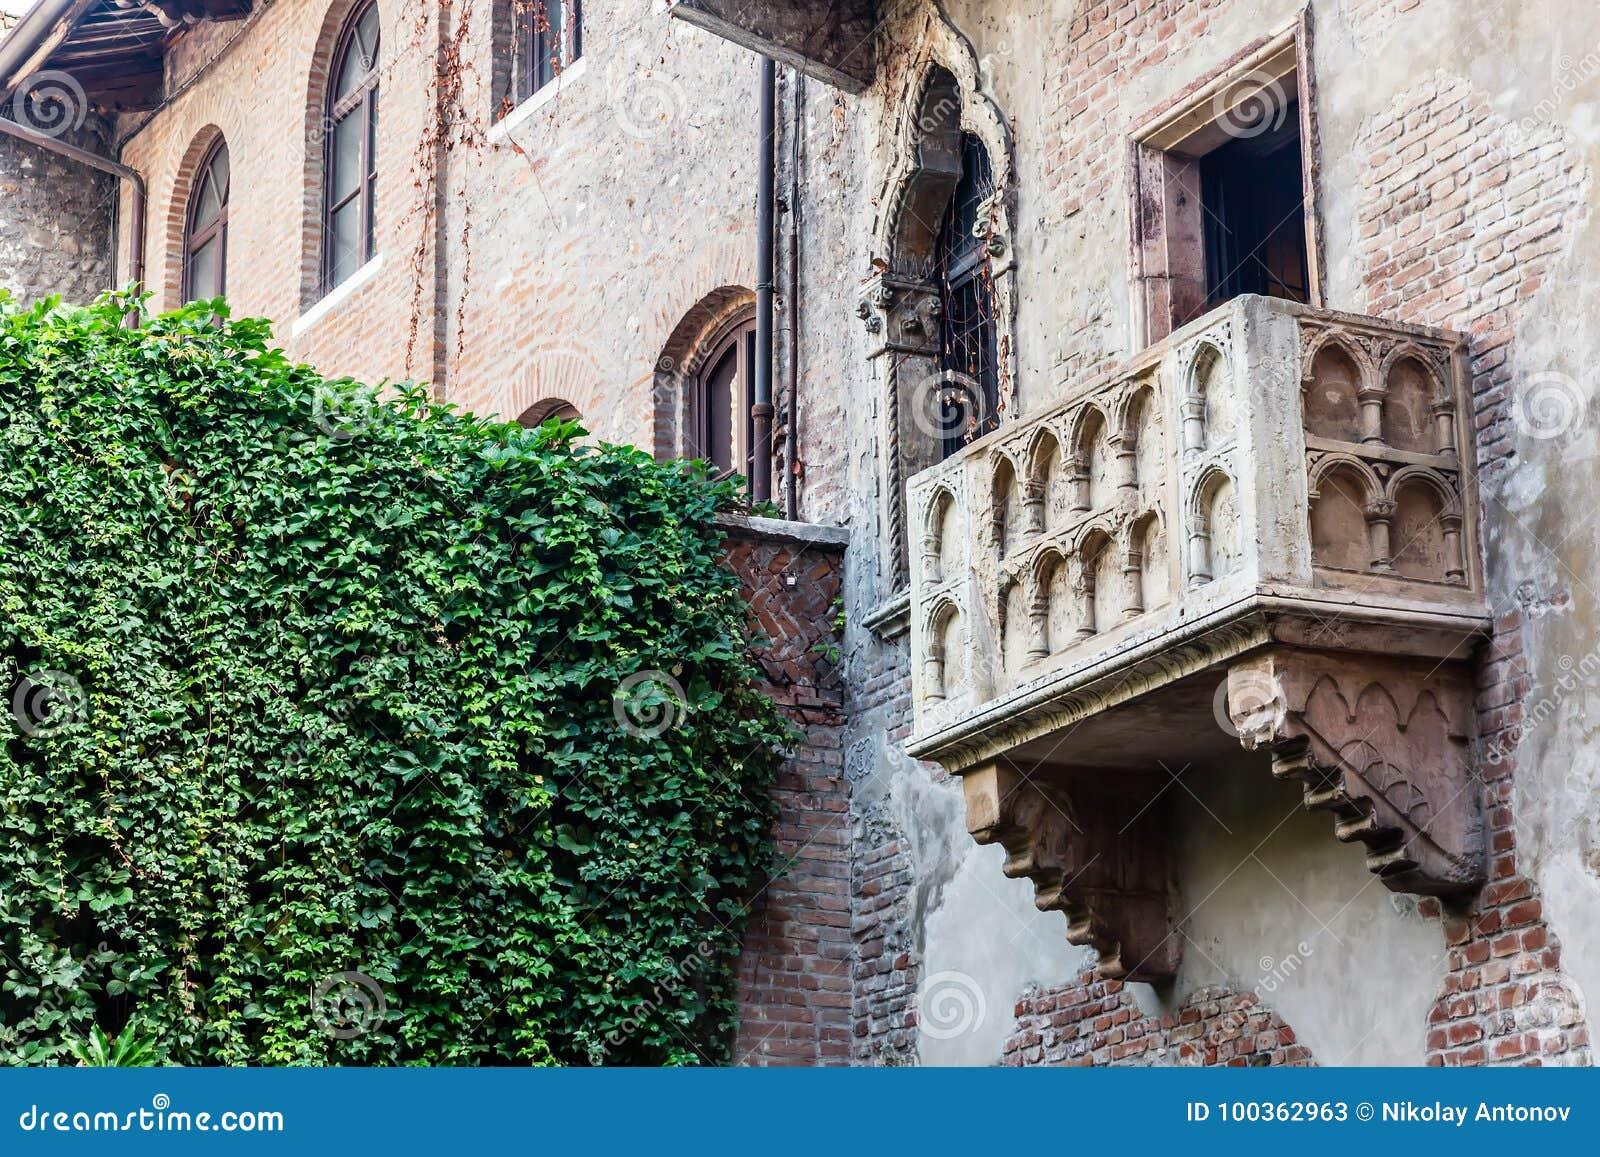 Romeo Und Juliet Balkon In Verona Italy Stockbild Bild Von Schon